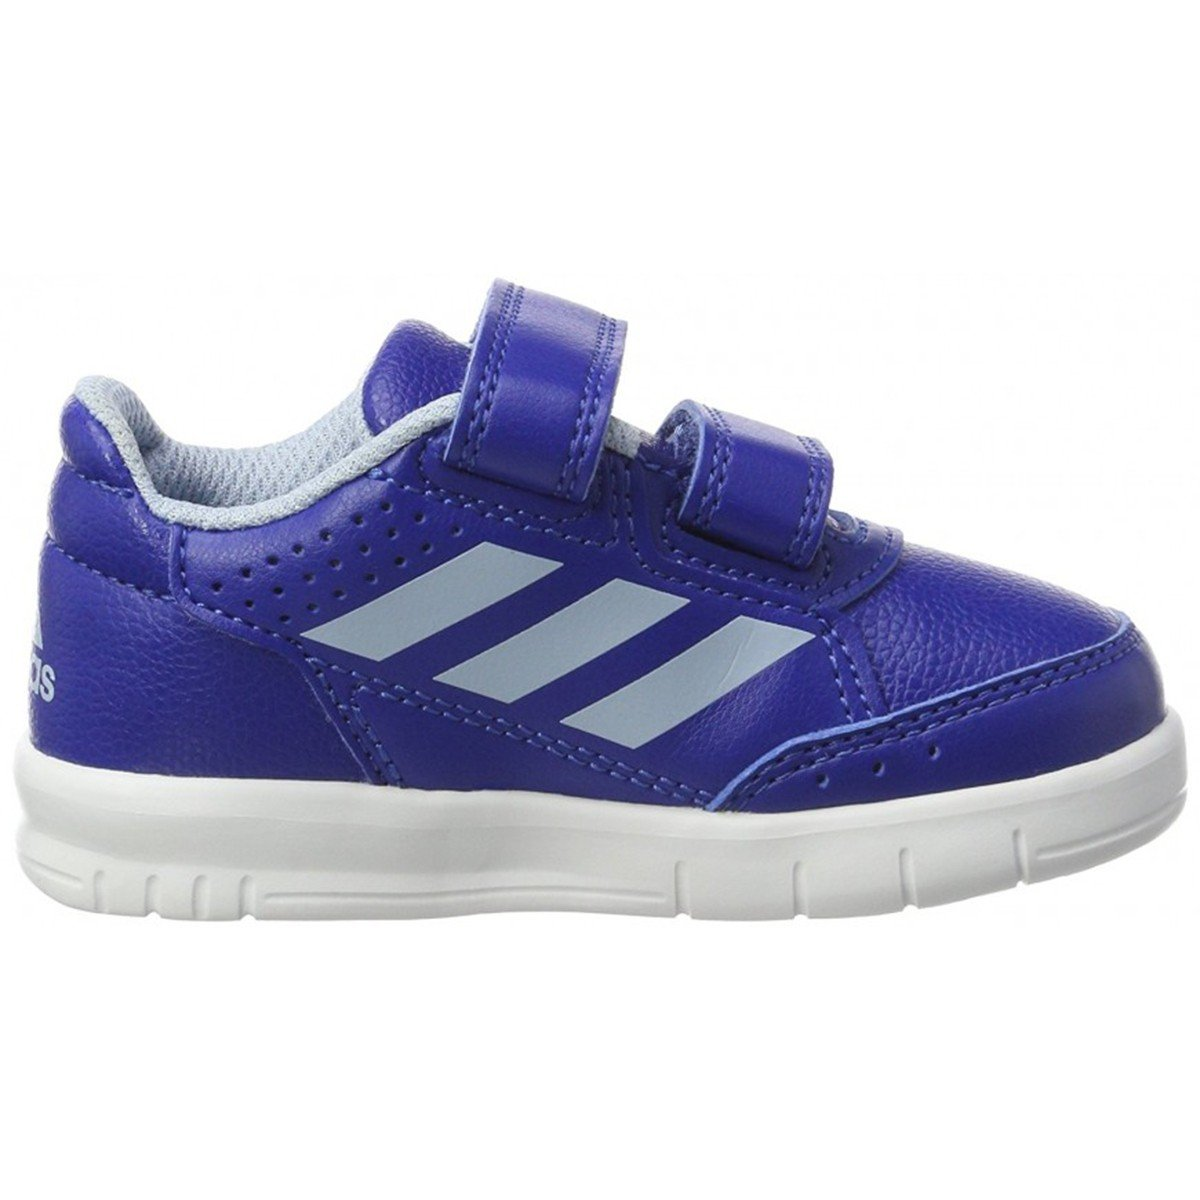 Adidas Altasport, Zapatillas para Bebé s Zapatillas para Bebés